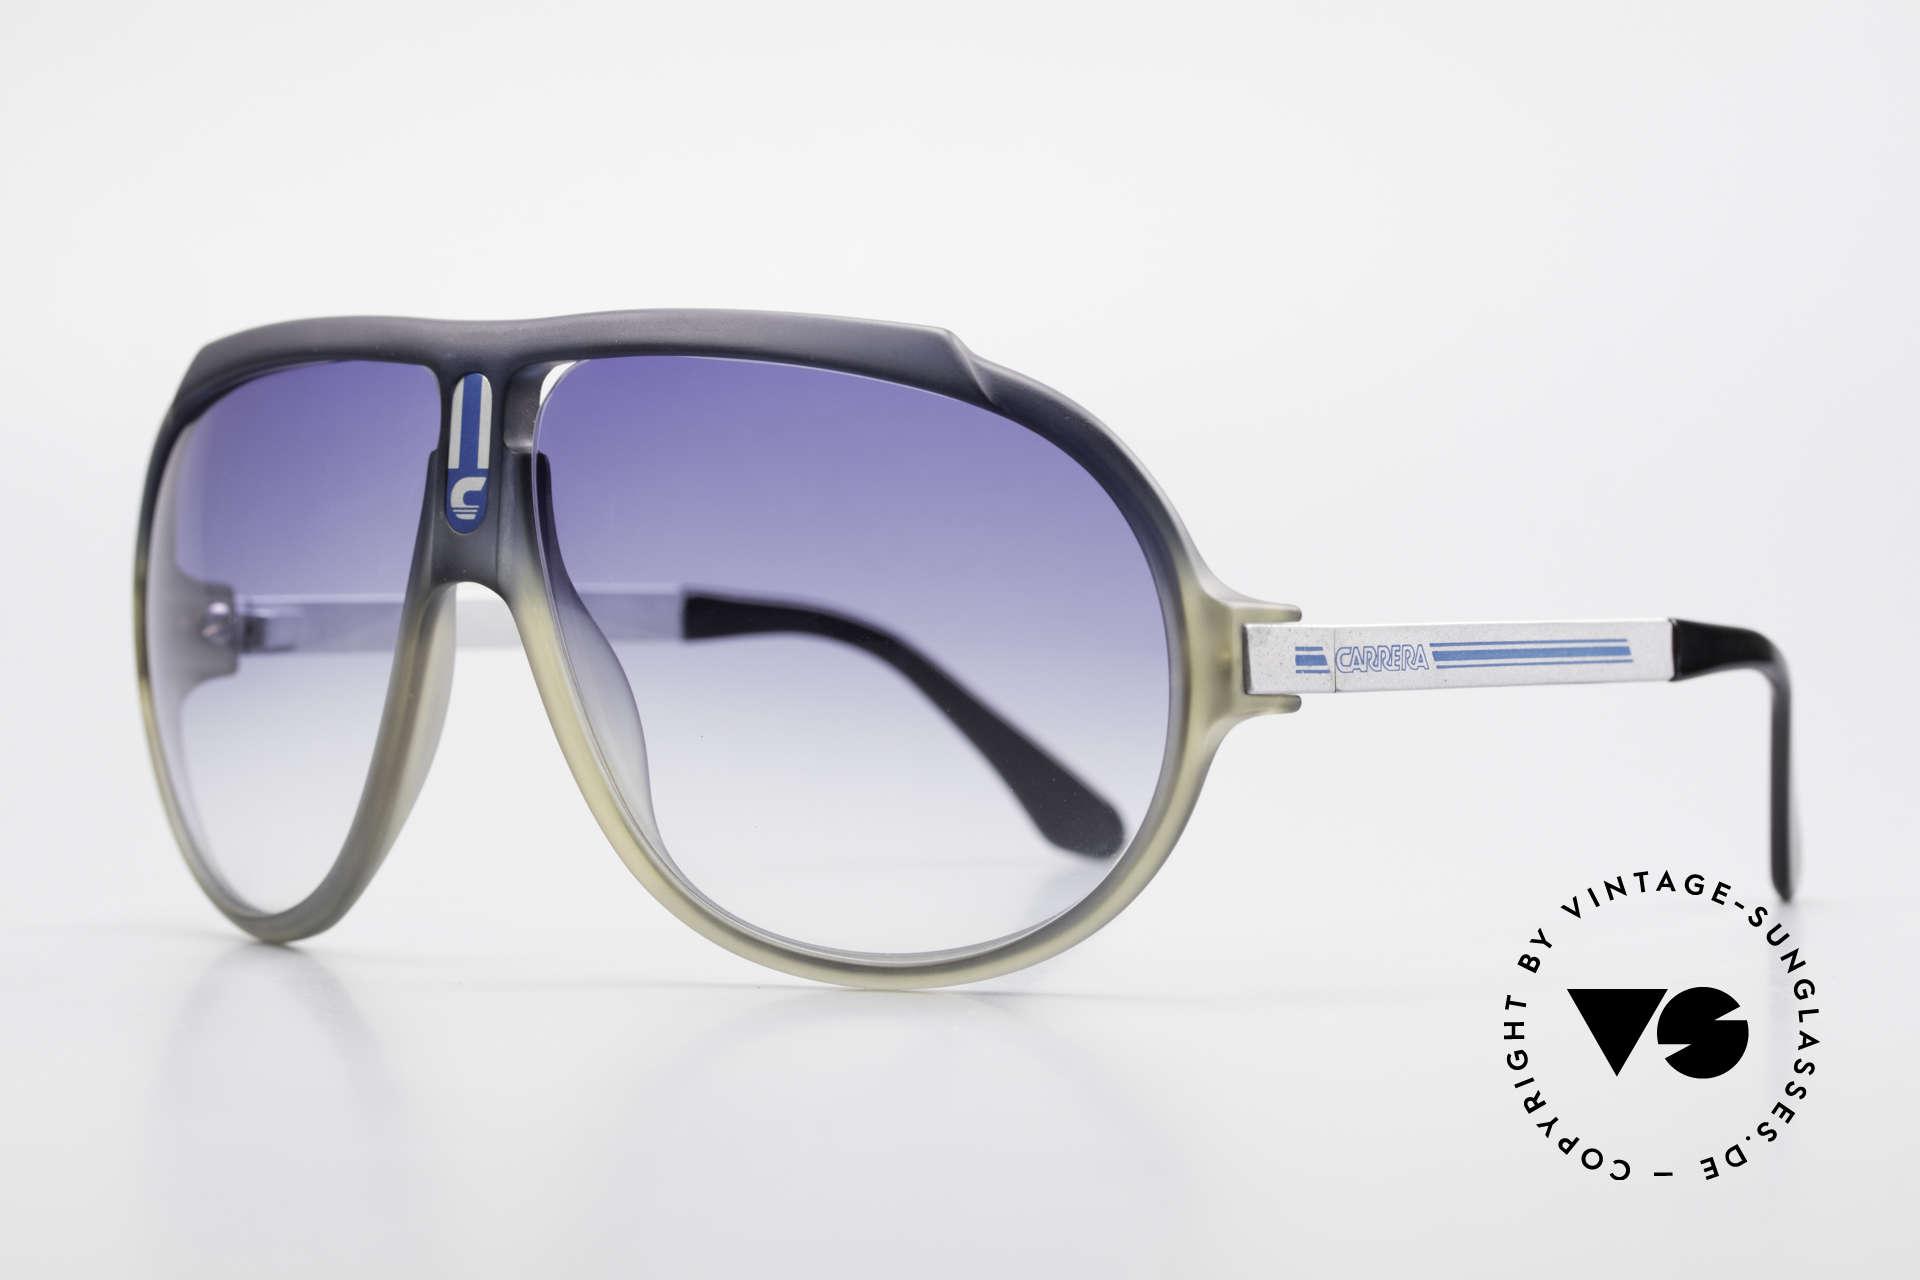 Carrera 5512 Miami Vice 80er Sonnenbrille, Modell 5512 getragen von Don Johnson in MIAMI VICE, Passend für Herren